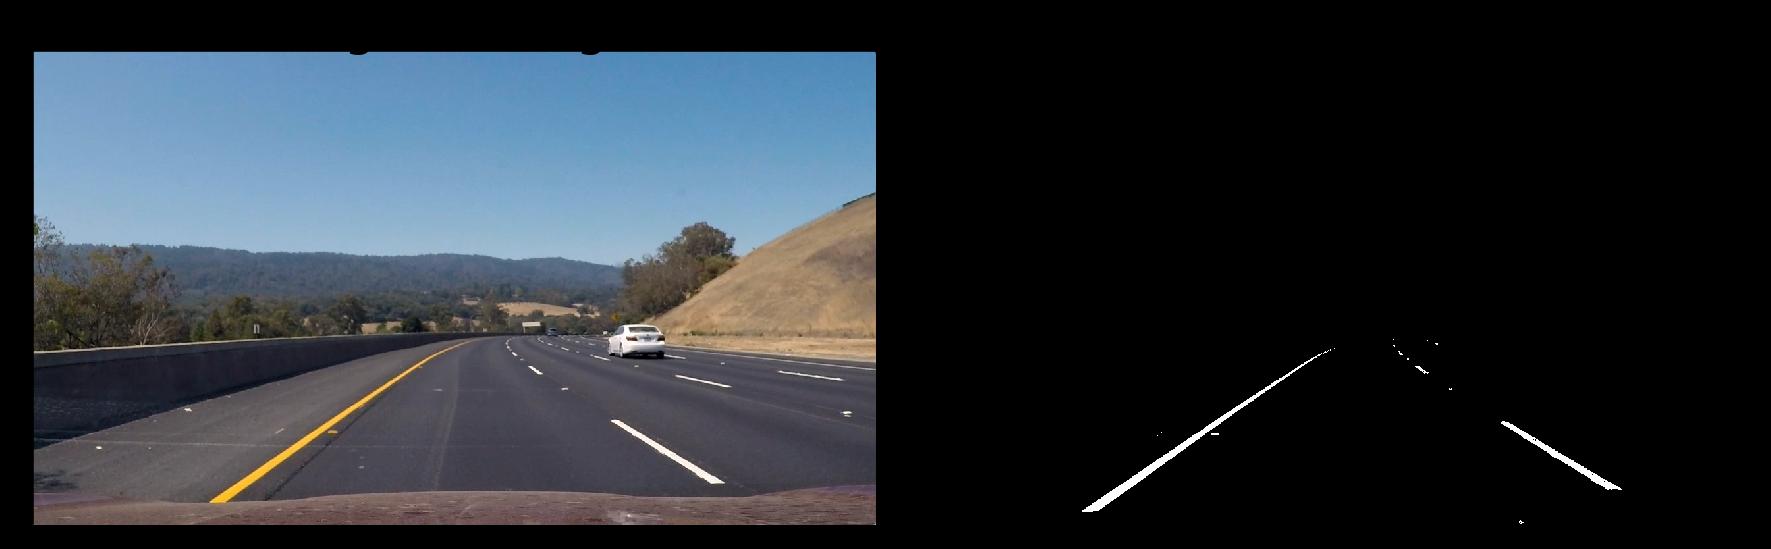 Nano01(自動運転)-U02-Lesson10-Project02-车道线检测进阶(提交版